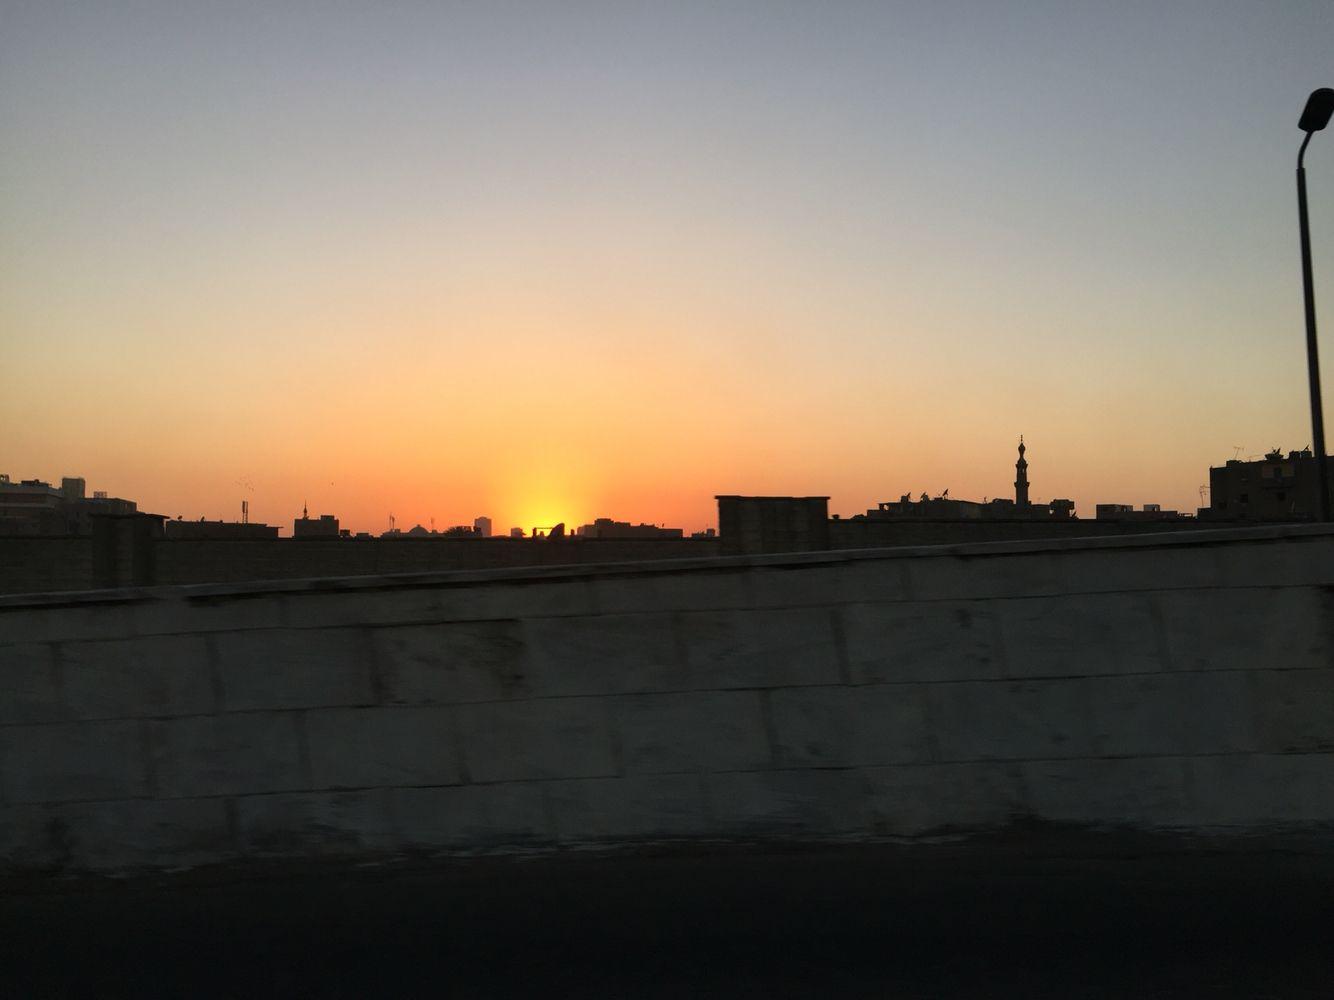 غروب منطقة السيدة نفيسة تصوير فاطمة عمارة Sunset Celestial Outdoor